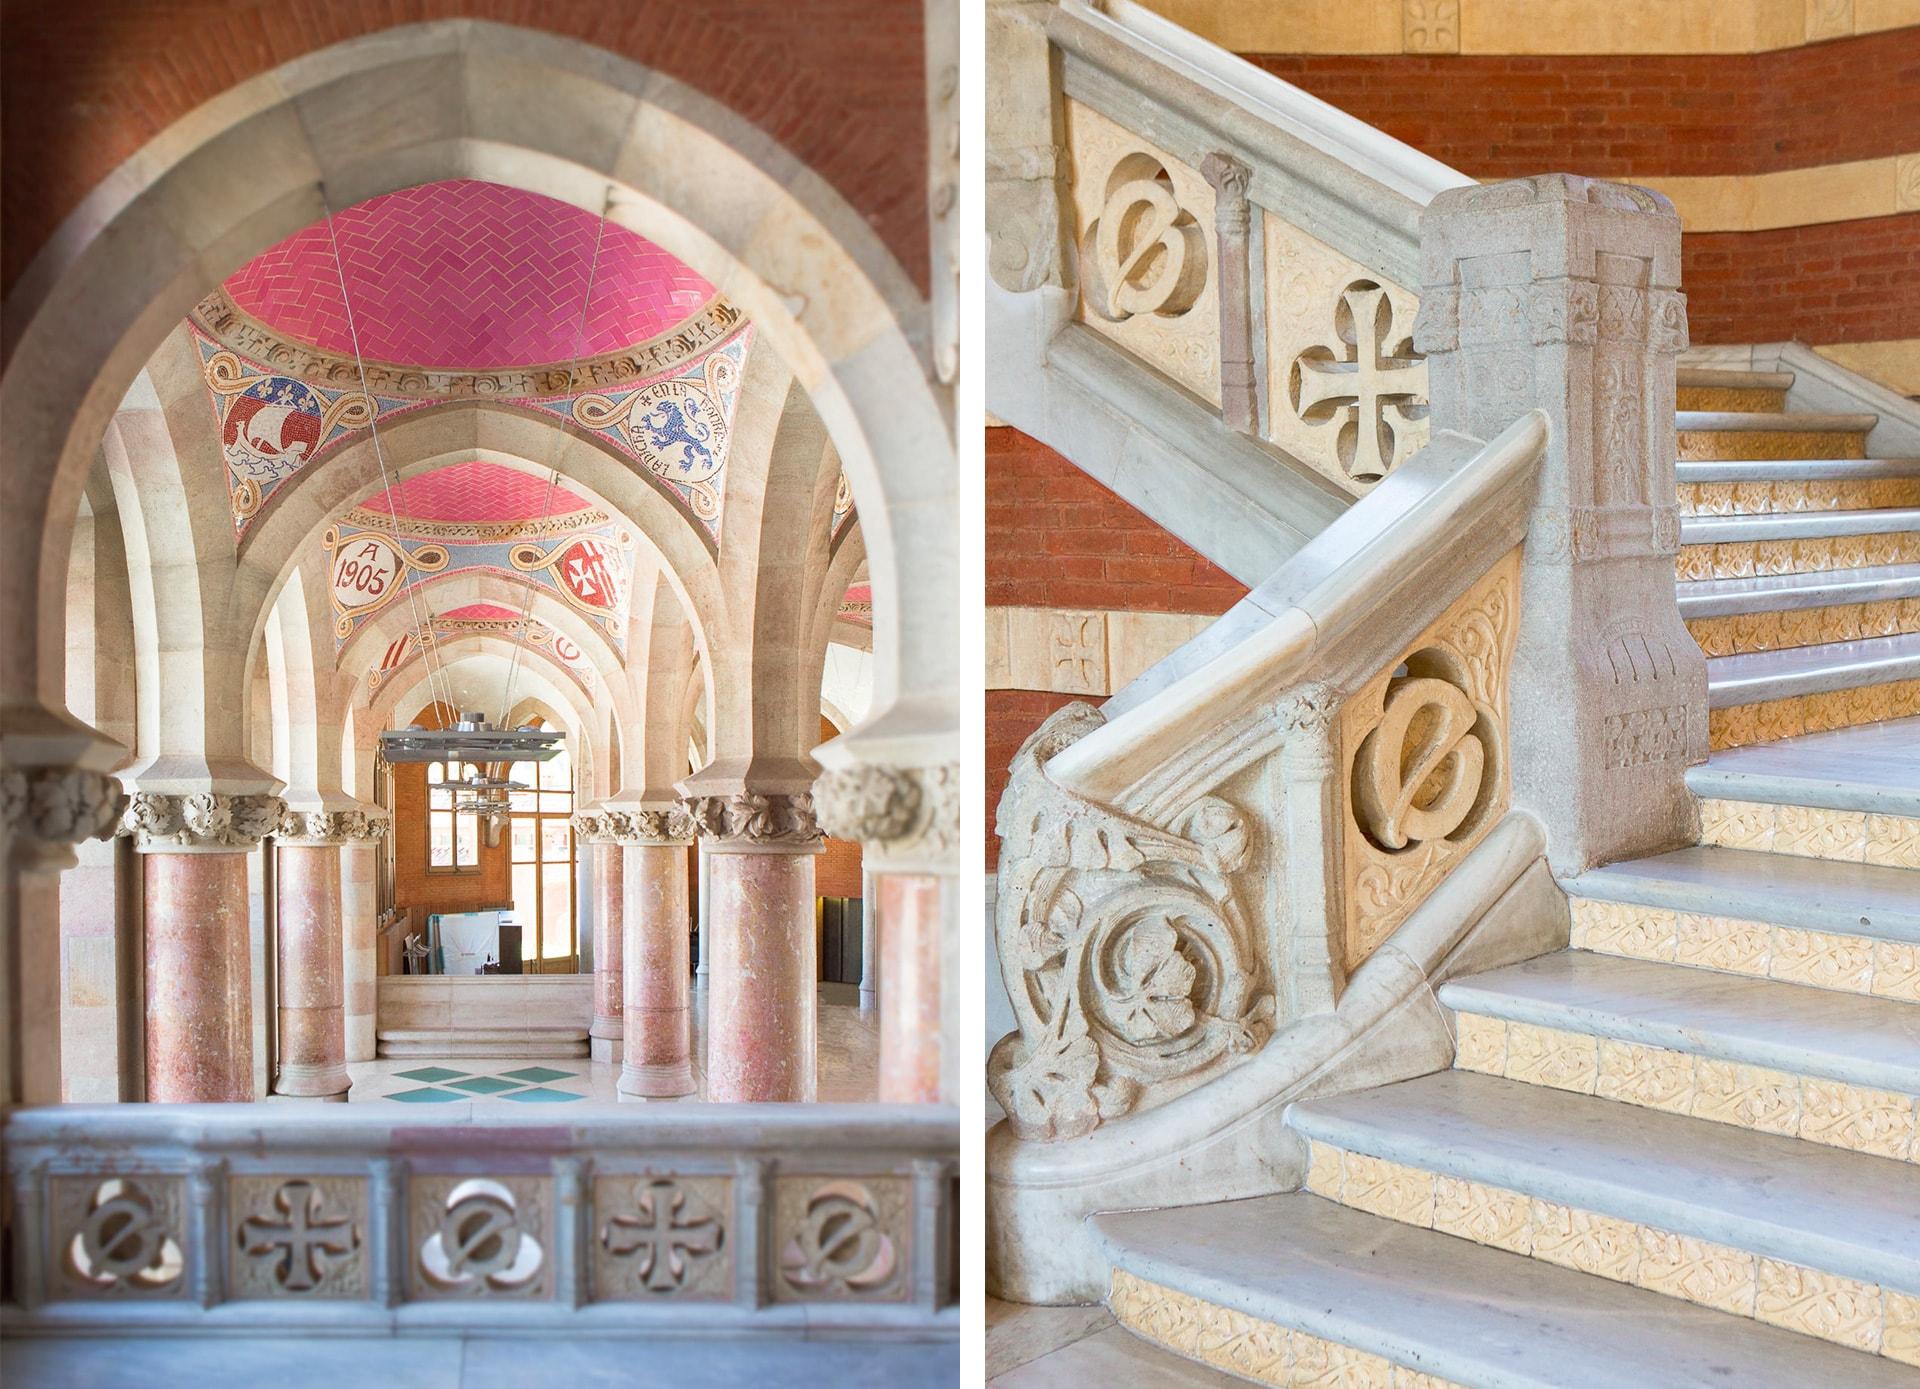 Voutes catalanes et escalier du pavillon adlinistratif de l'Hospital Sant Pau à Barcelone